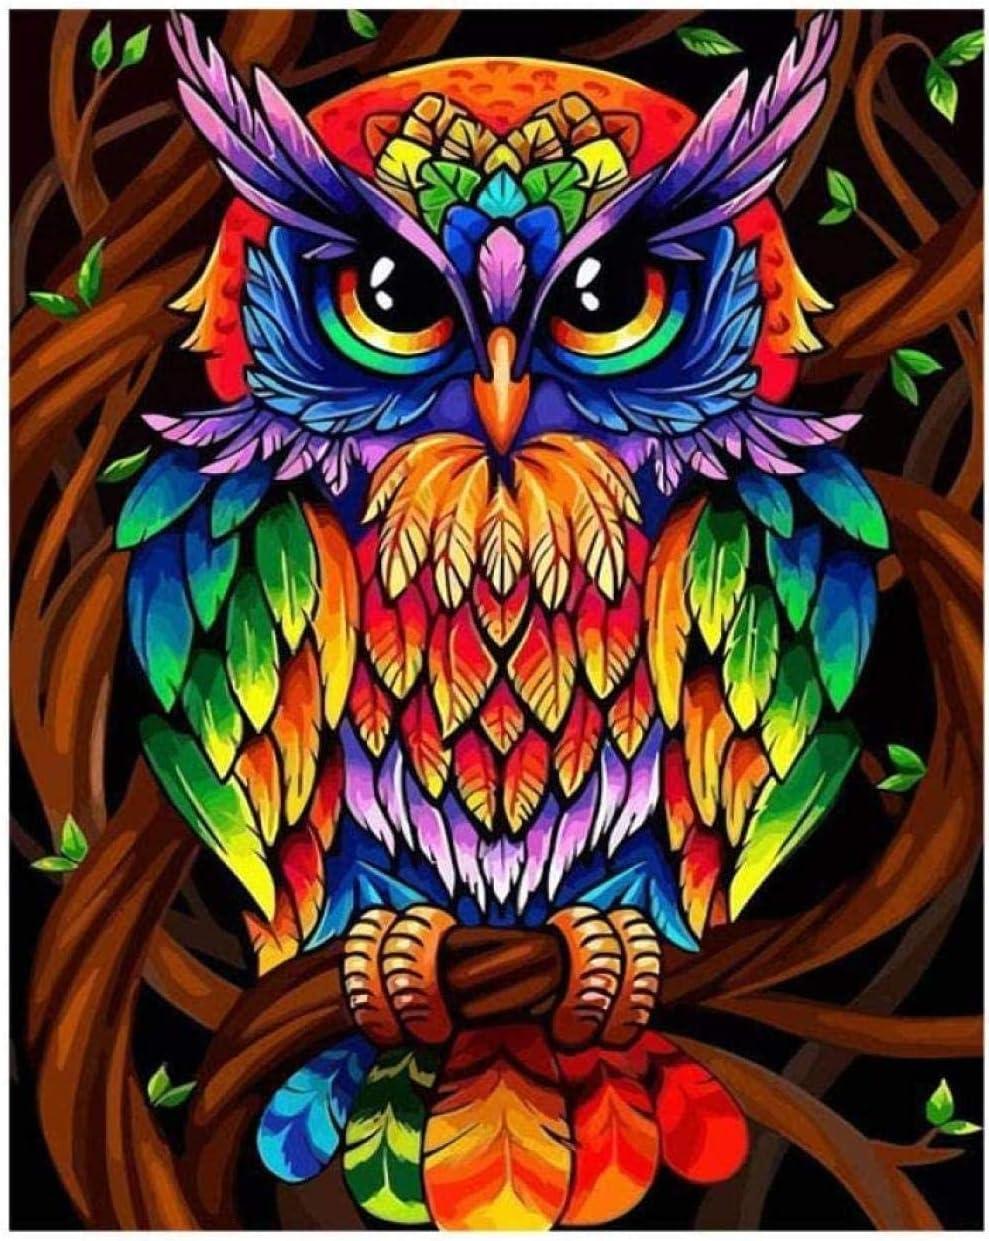 -N38 Peinture De Bricolage Peinture Par Num/éros Kits Sur Toile Chat Peinture /À LHuile Sur Toile Pour Adultes D/ébutant 16X20 Pouces Sans Cadre 40X50 Cm